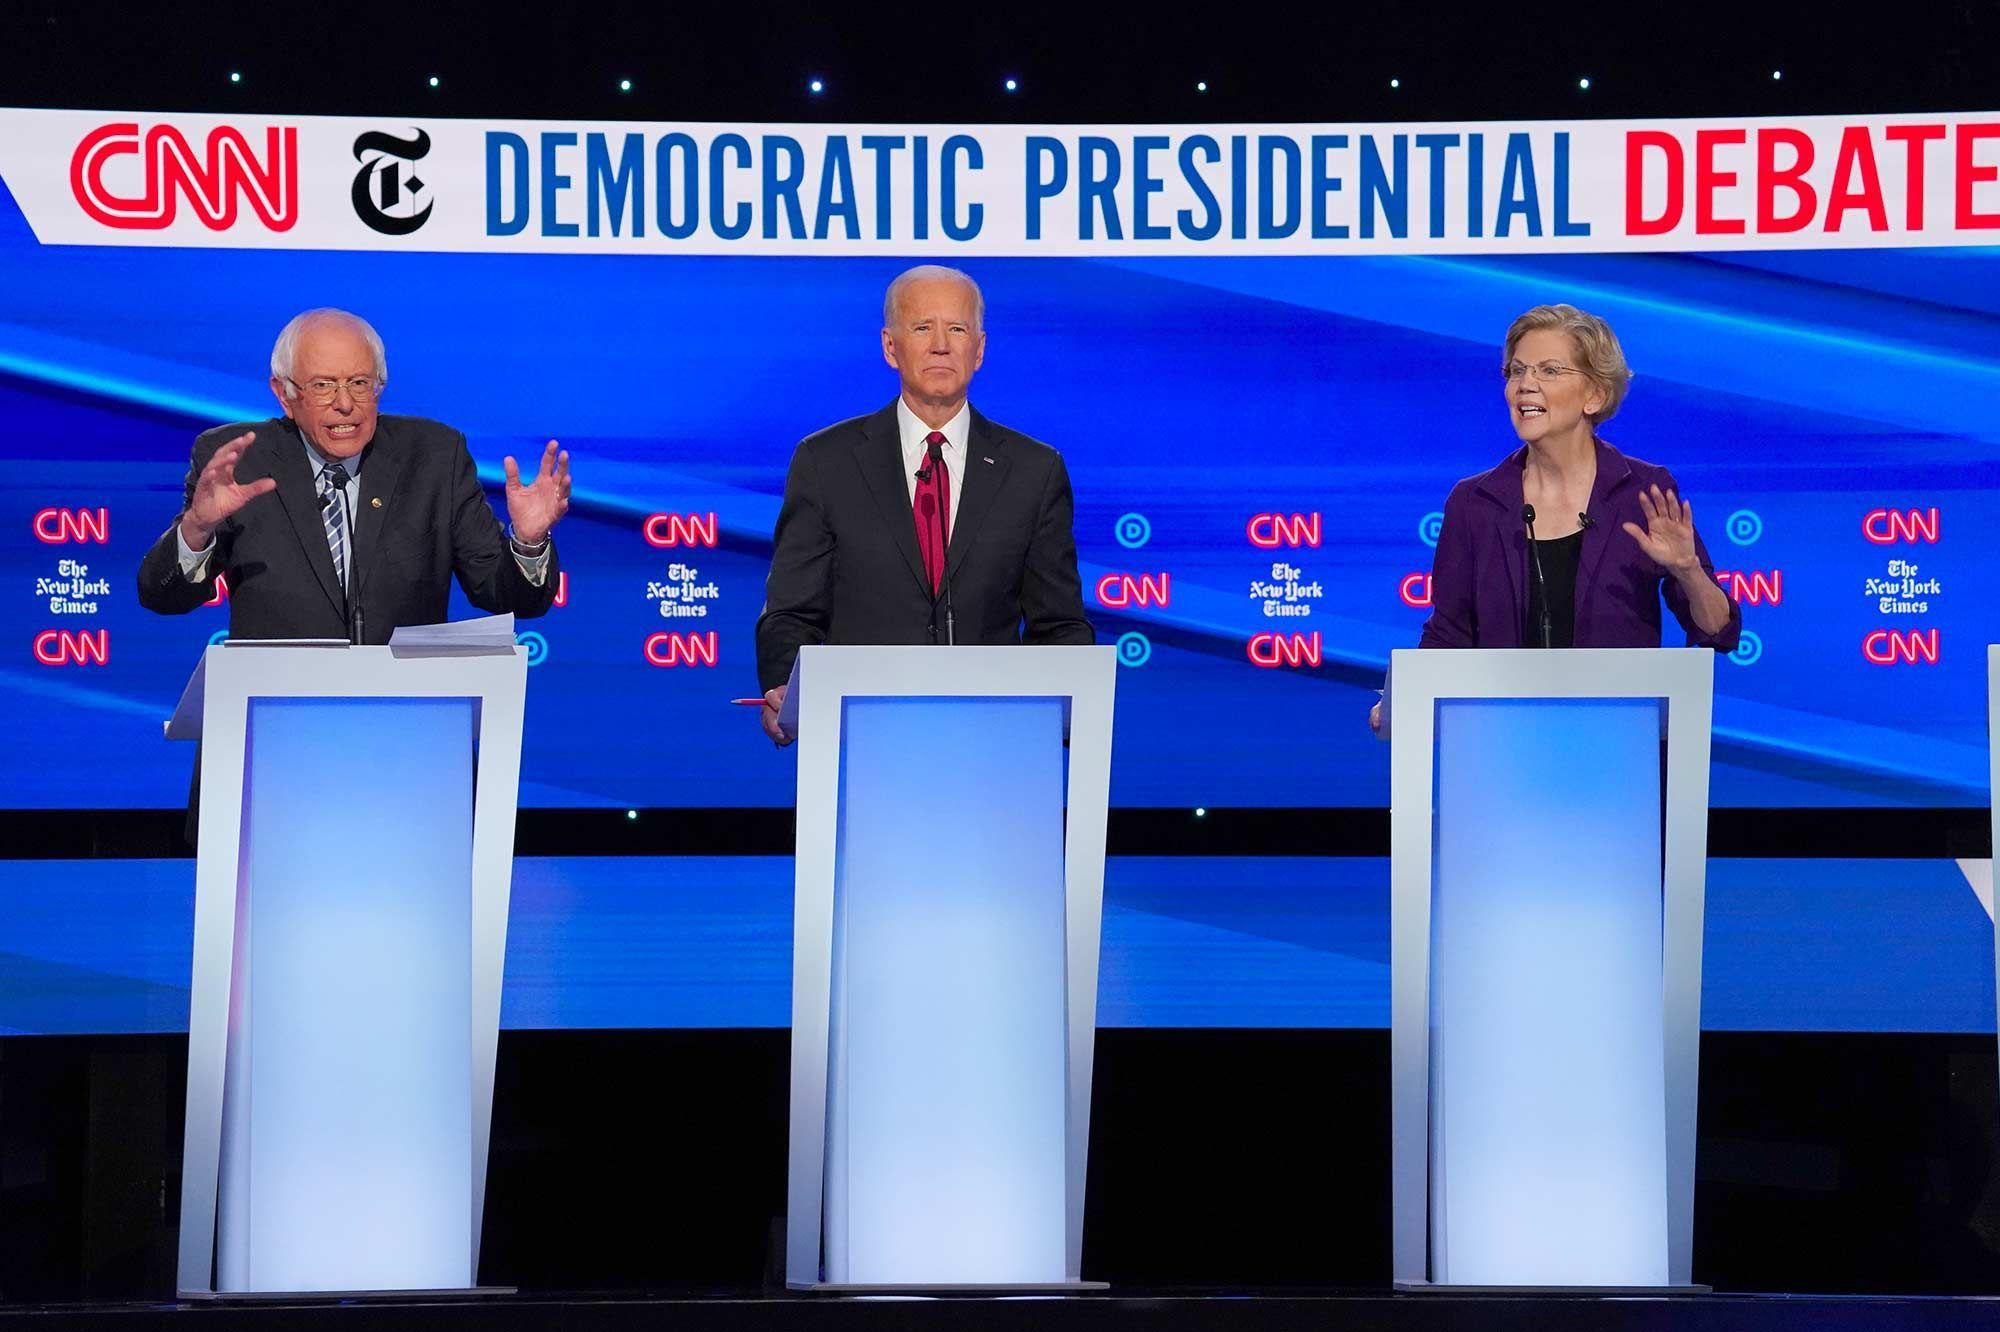 Présidentielle américaine : l'étoile montante Elizabeth Warren assaillie par ses rivaux démocrates